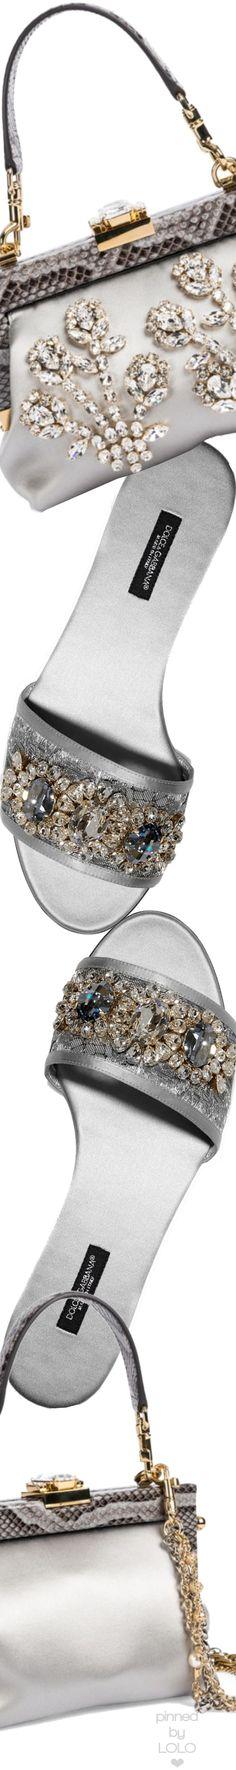 Dolce & Gabbana Embellished Evening Bag